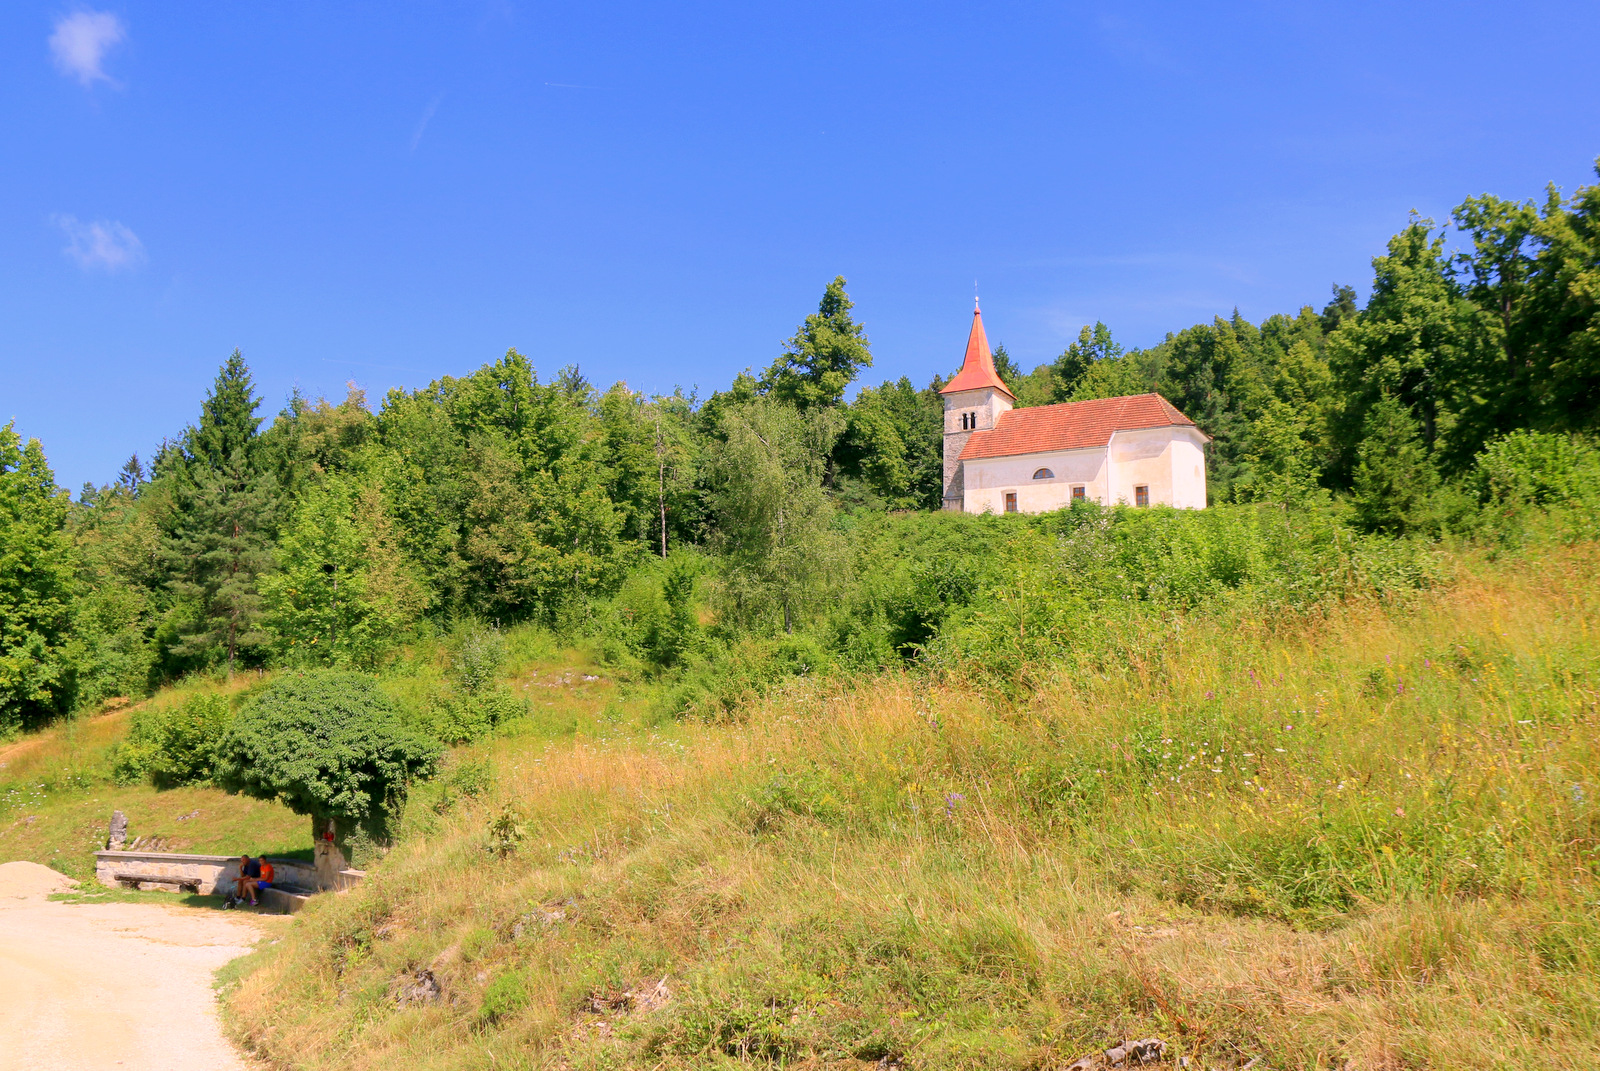 Studenec, kapelica Lurške Matere Božje in v ozadju cerkev Sv. Lenarta v vasi Dobec